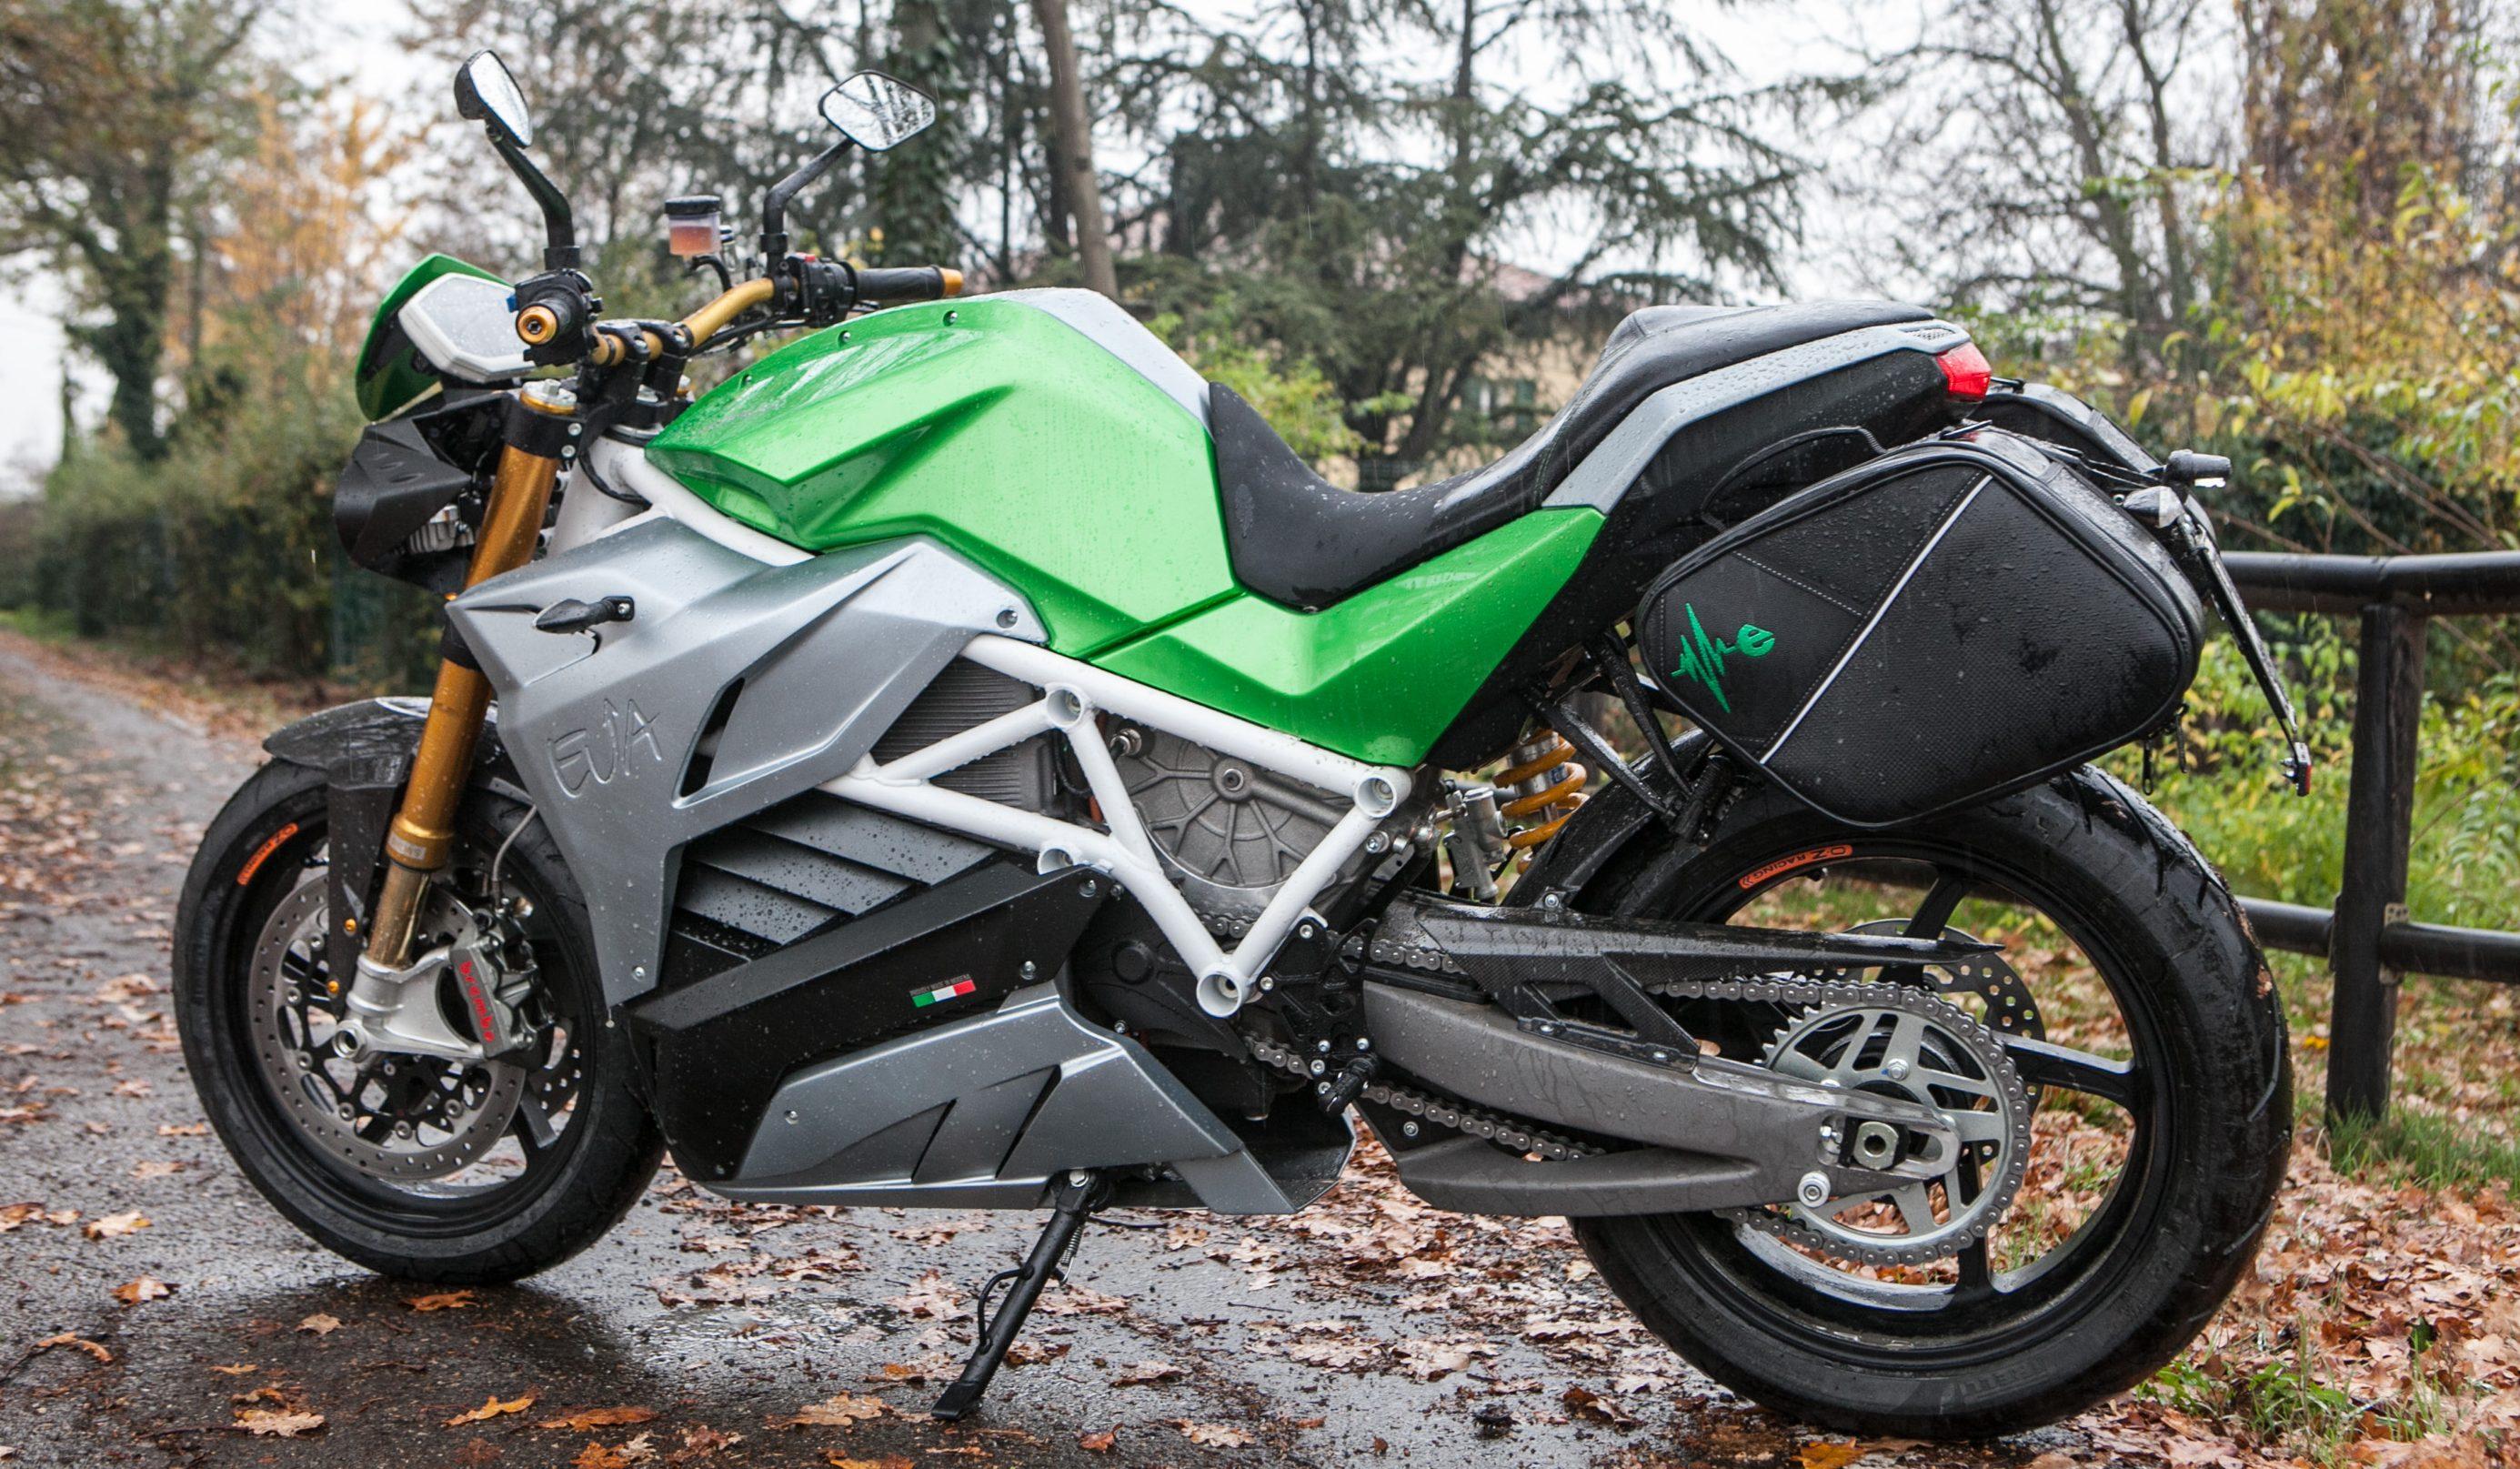 Energica-Eva-e-bike-10-e1464058420850